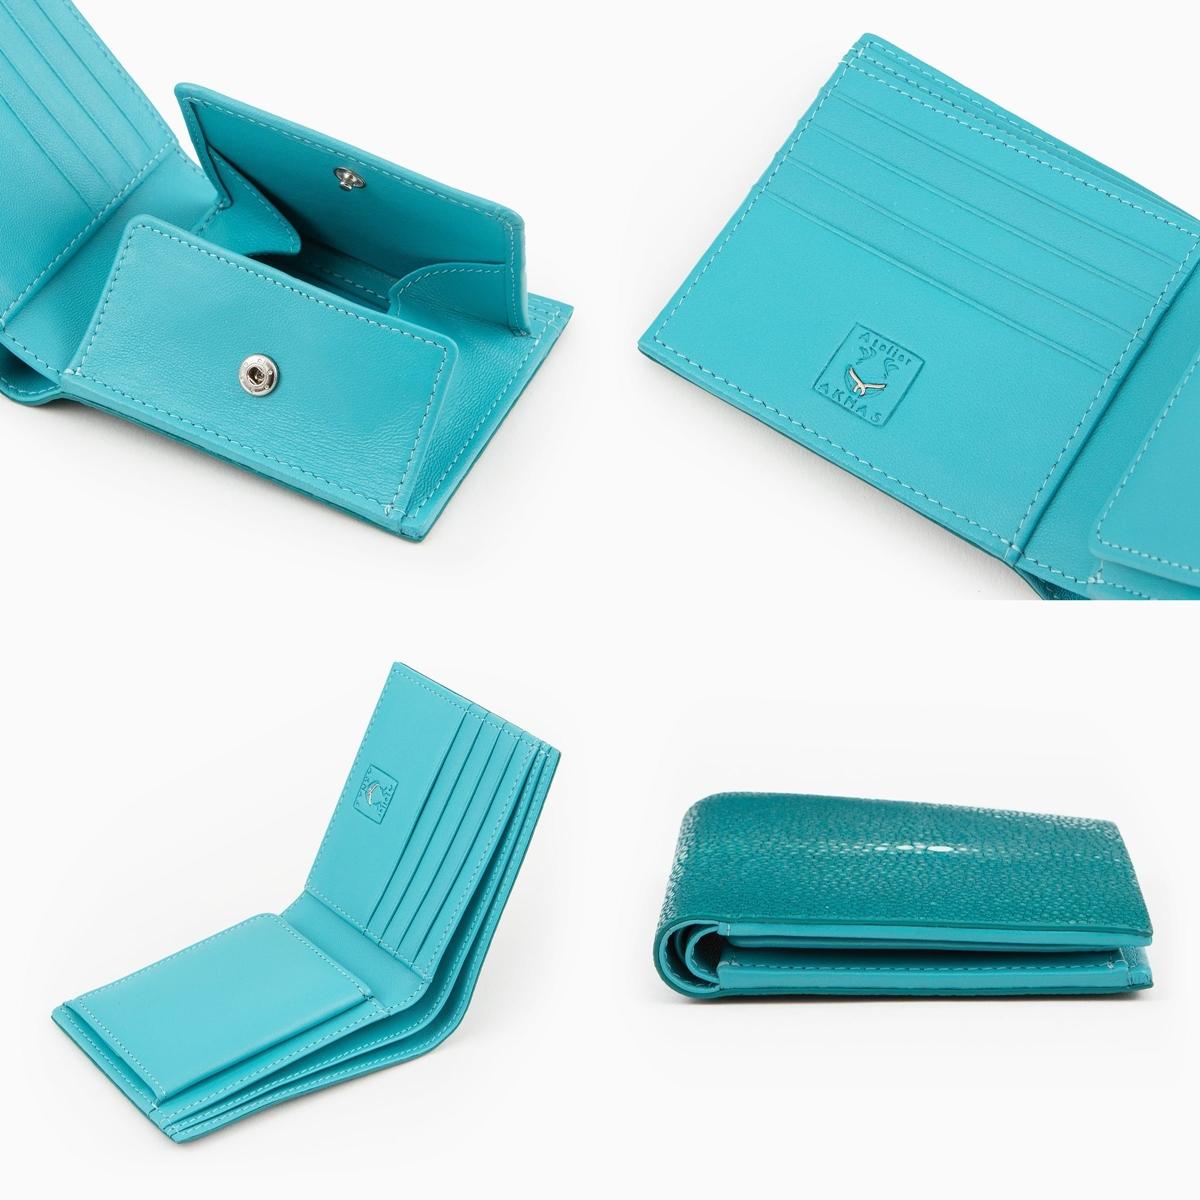 Atelier AKNAS(アトリエ アクナス)二つ折り財布 外装 内装